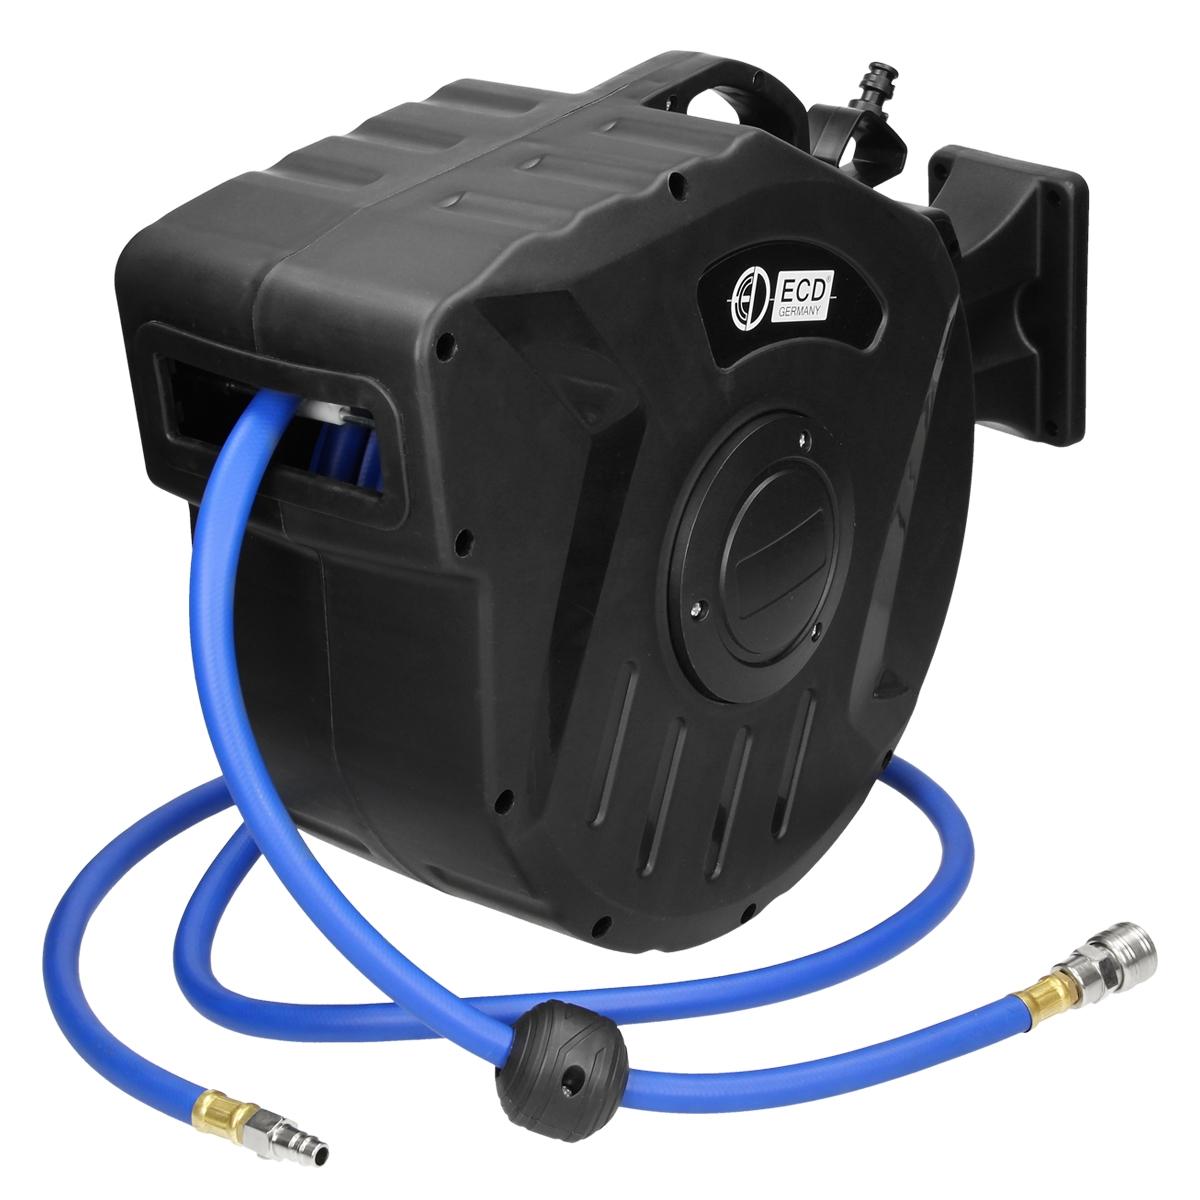 ECD Germany 20 m 20 Bar Air Compressor Air Line Hose Compressor Rubber Hose 300 PSI